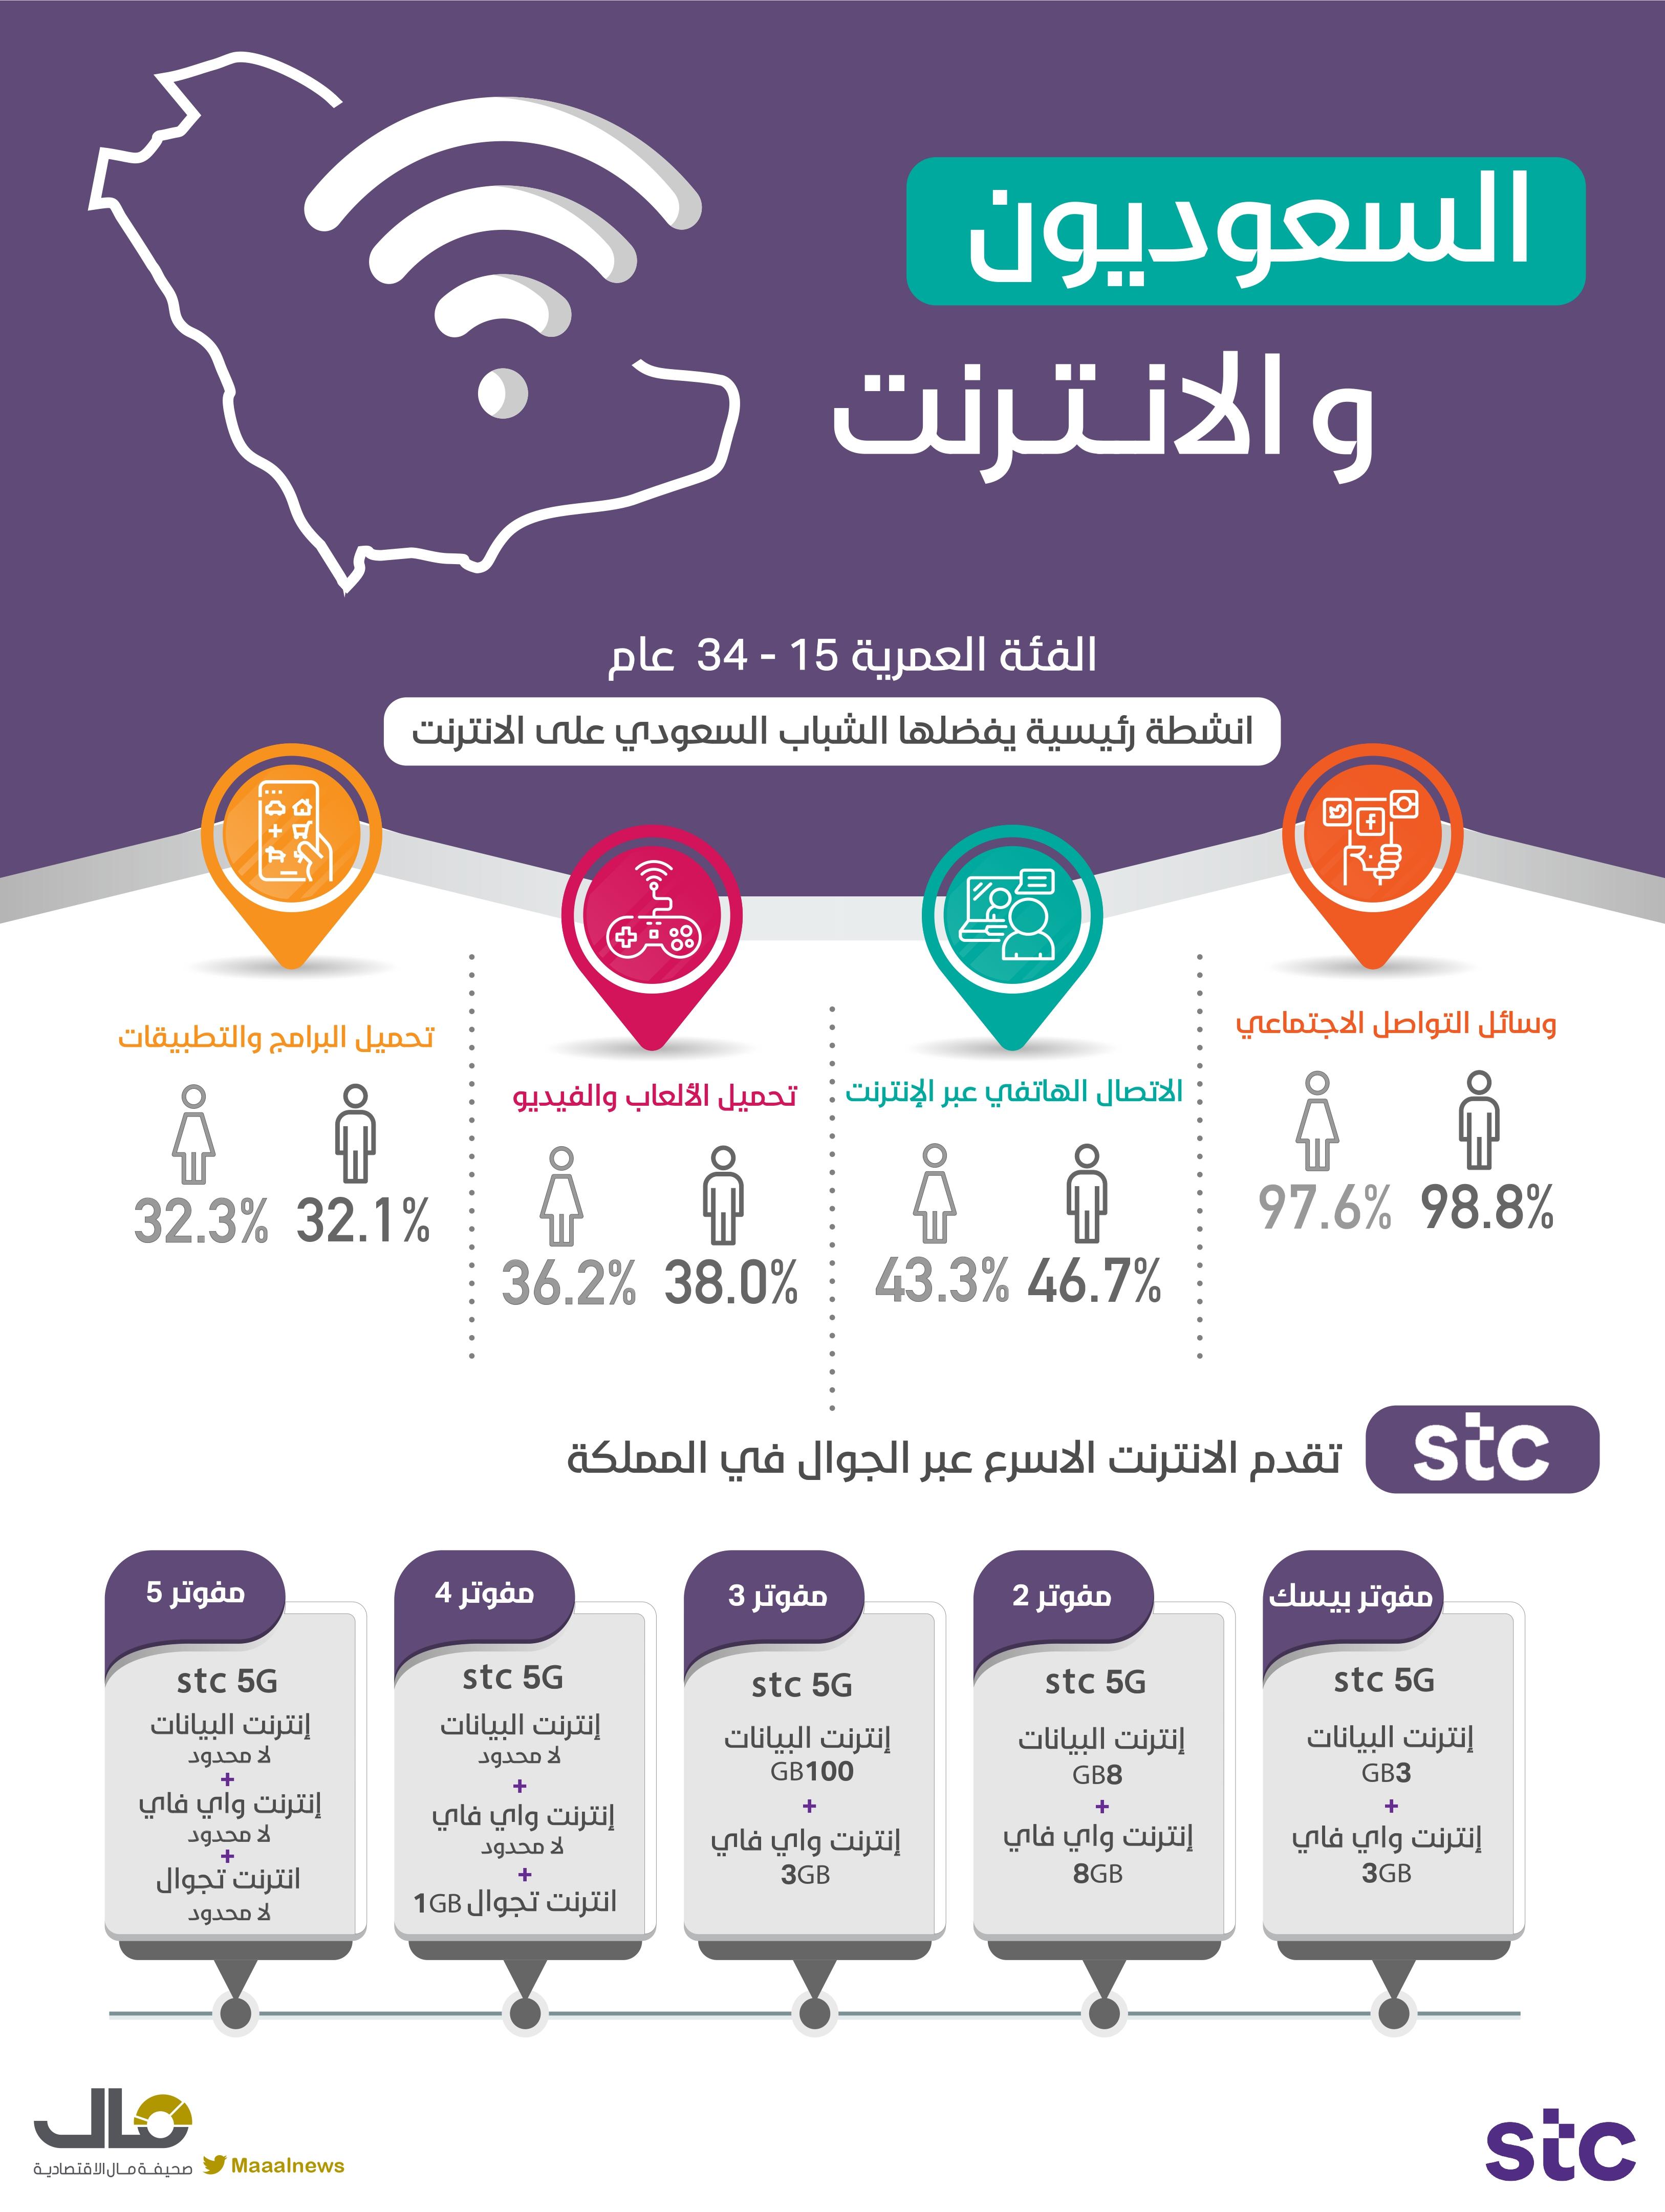 الشباب السعودي والانترنت